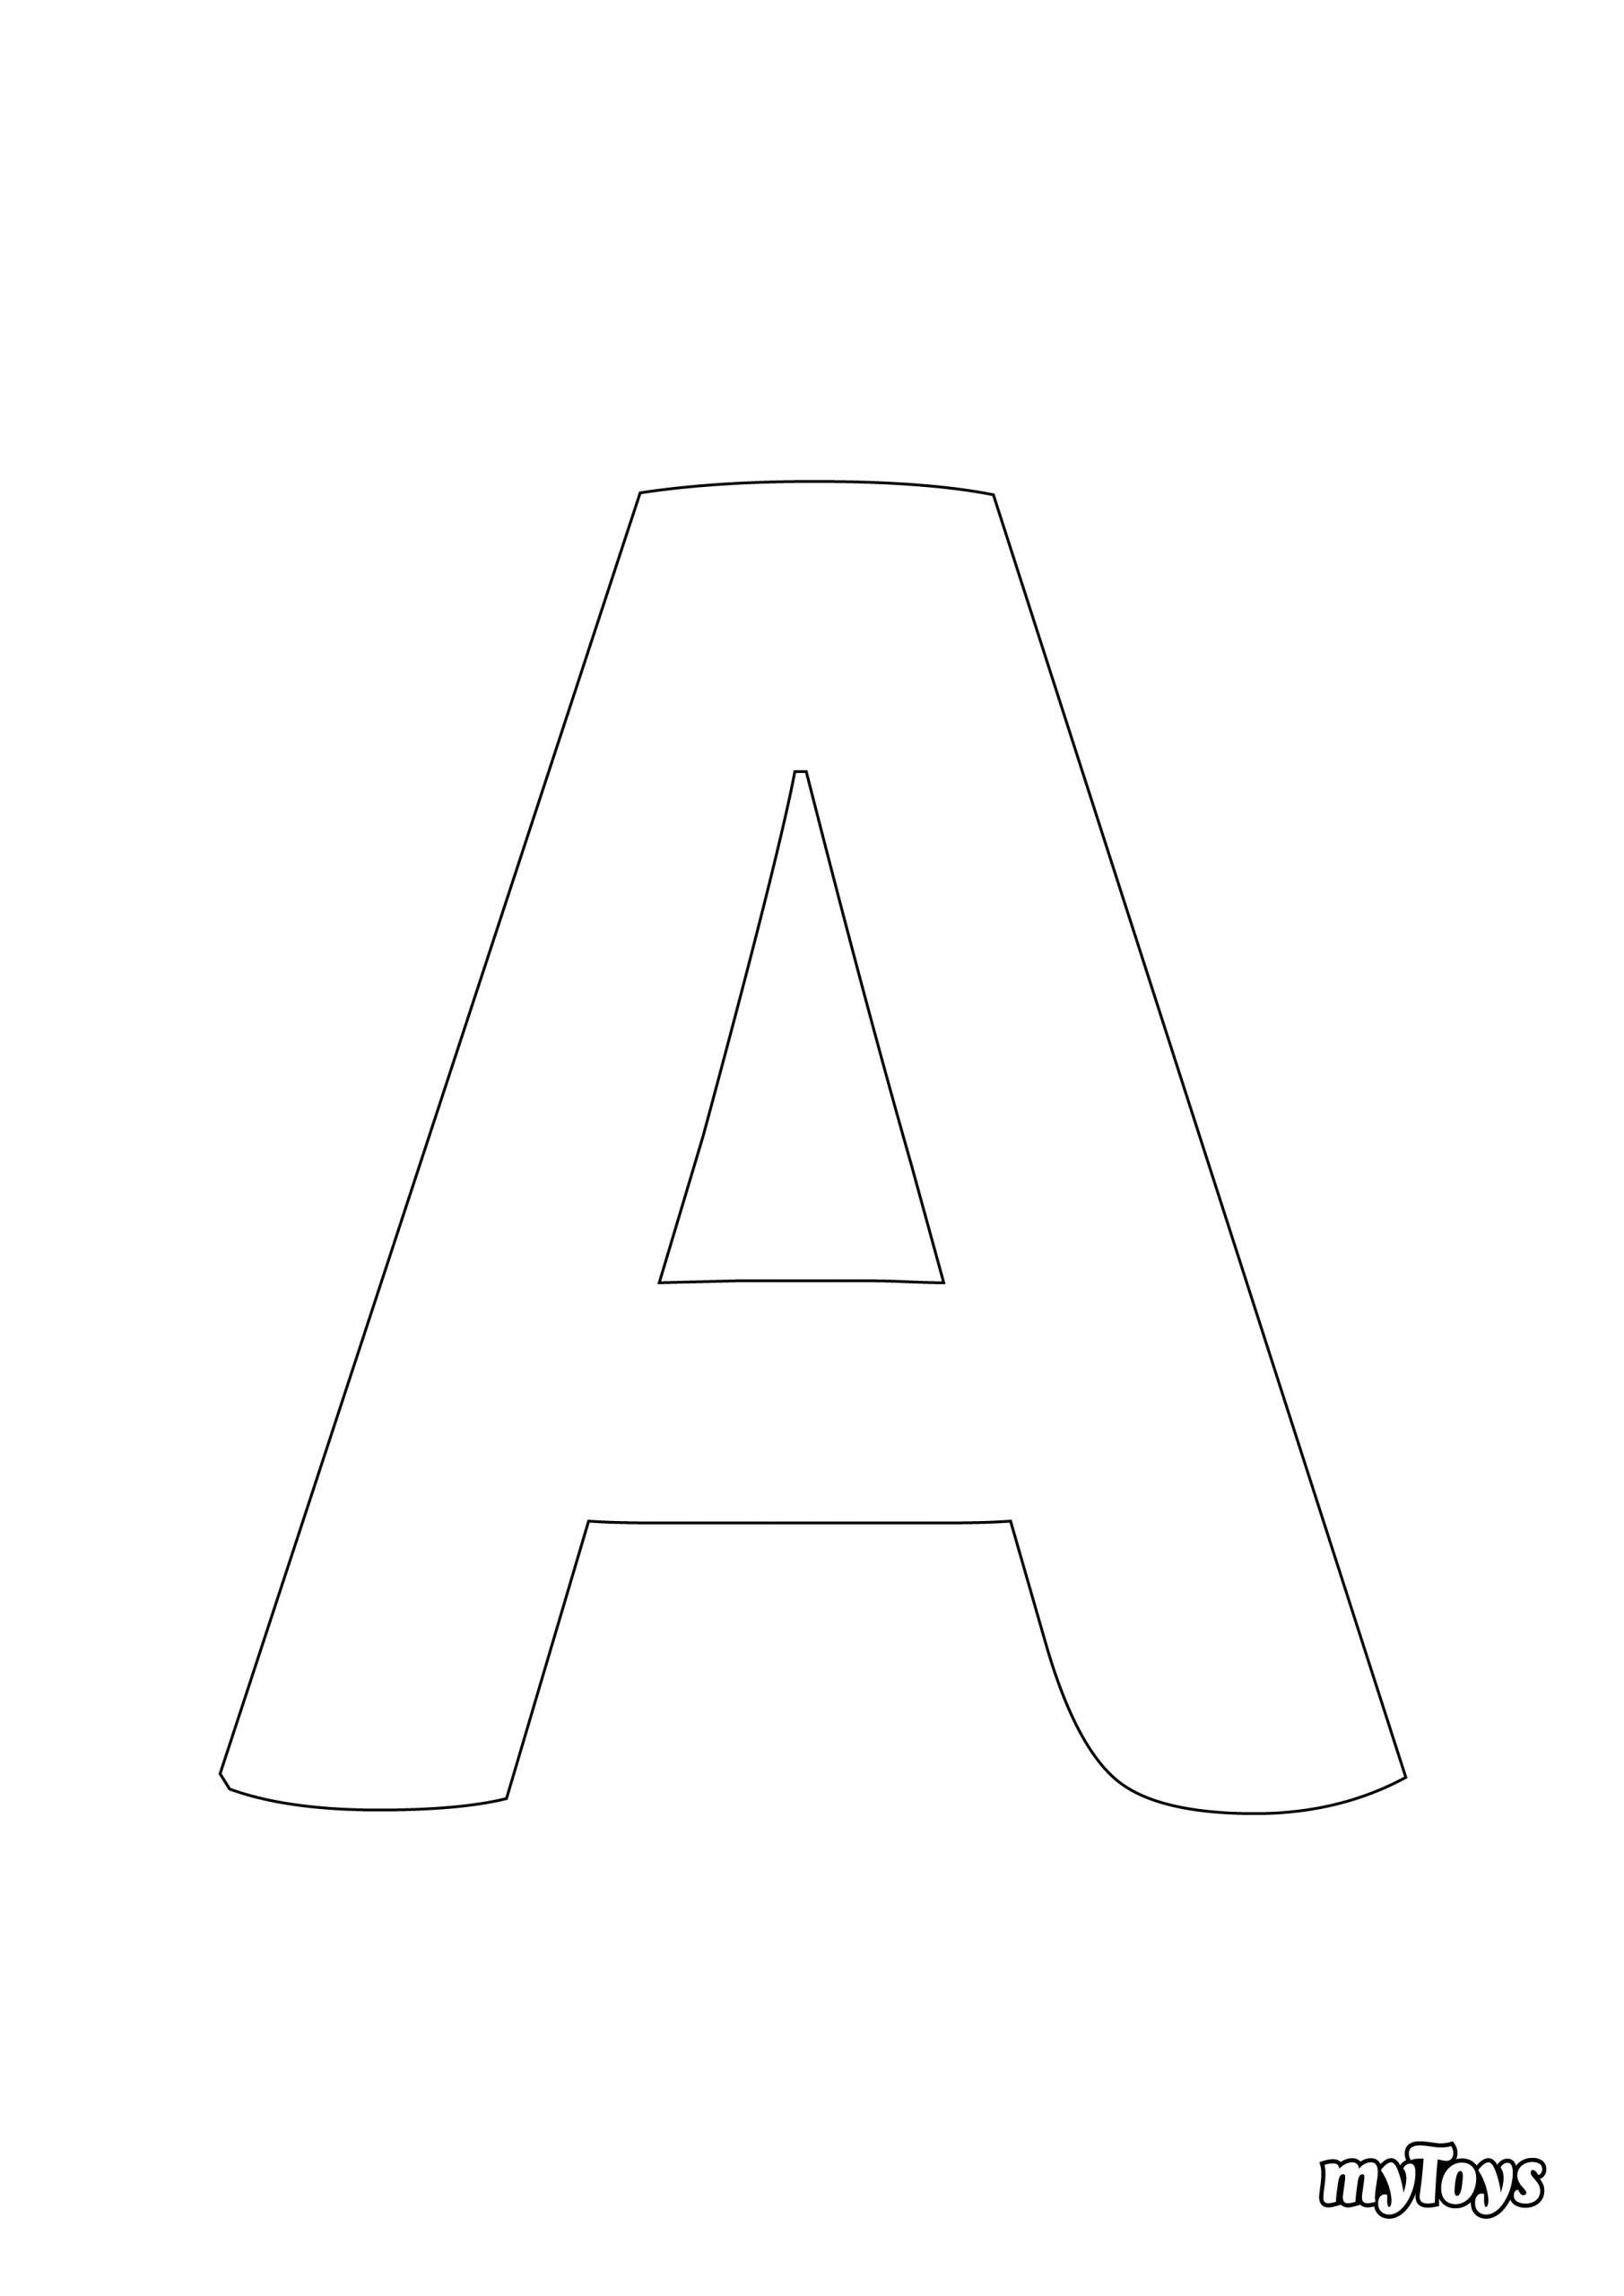 Spielerisch Lernen - Ausmalbilder Buchstaben ganzes Buchstaben Zum Ausdrucken